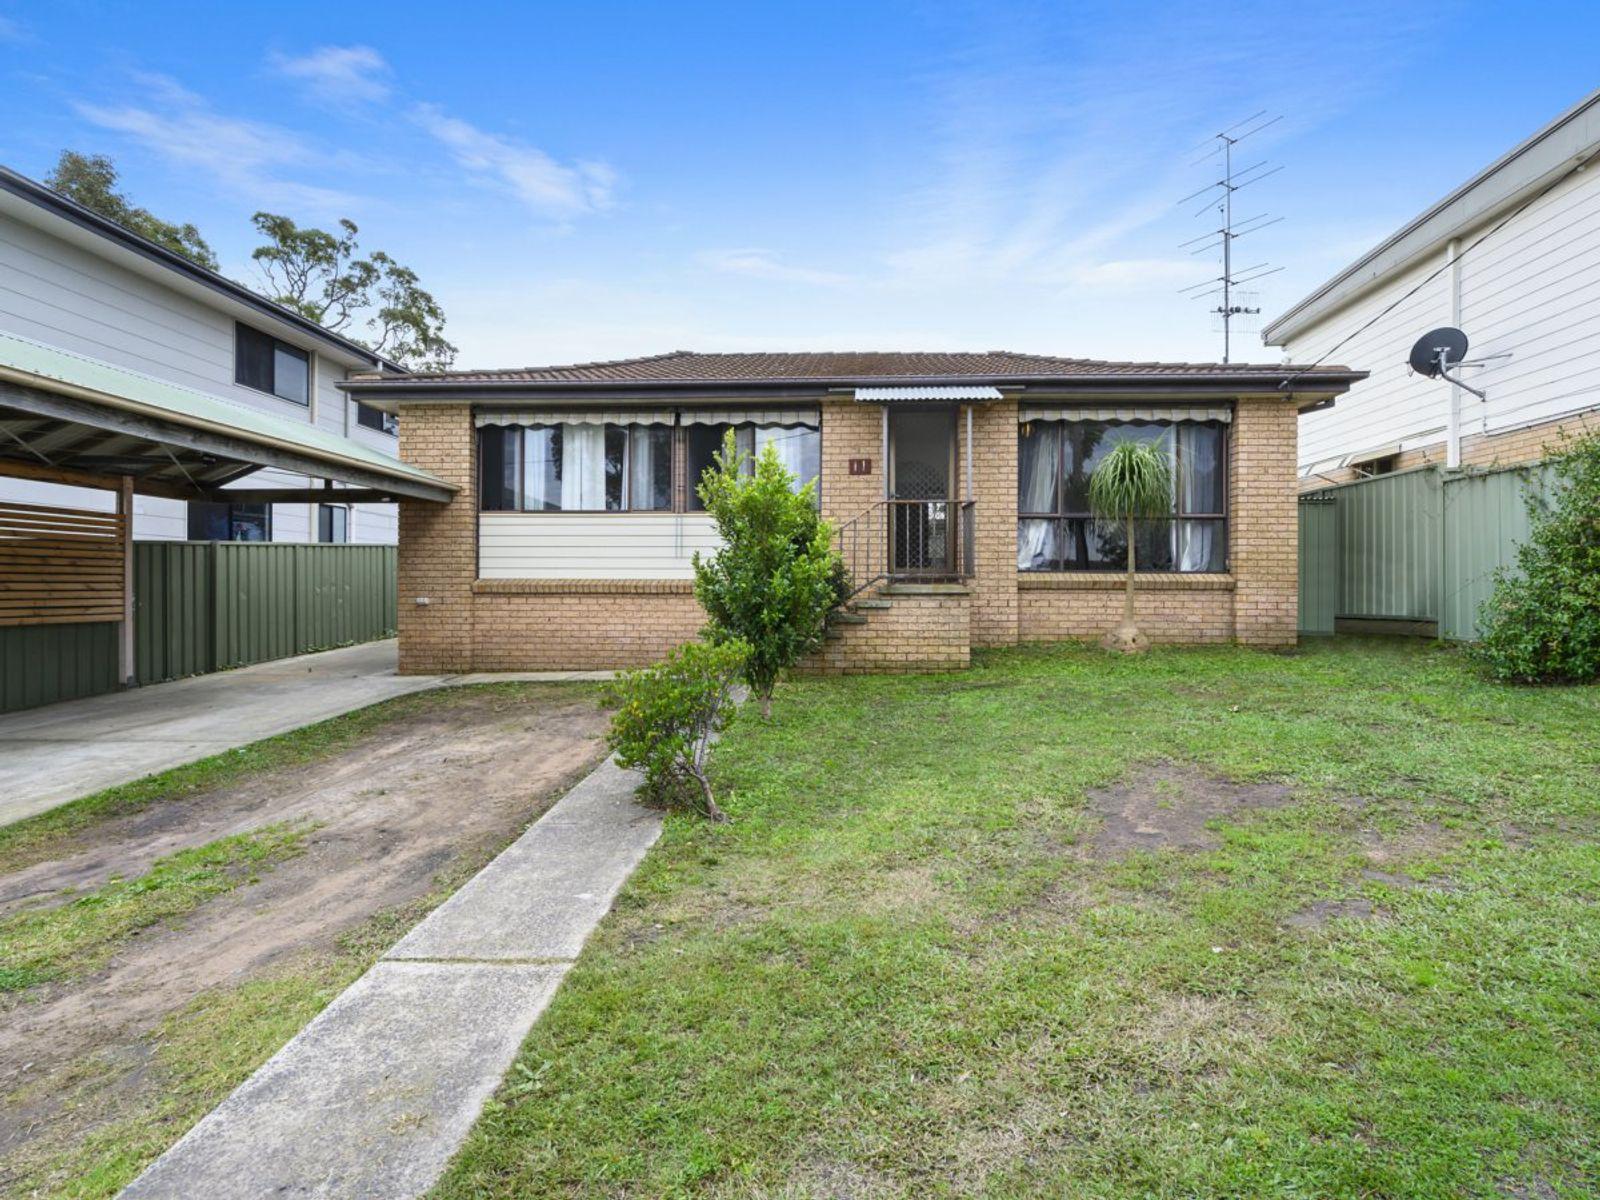 11 Wahroonga Road, Wyongah, NSW 2259